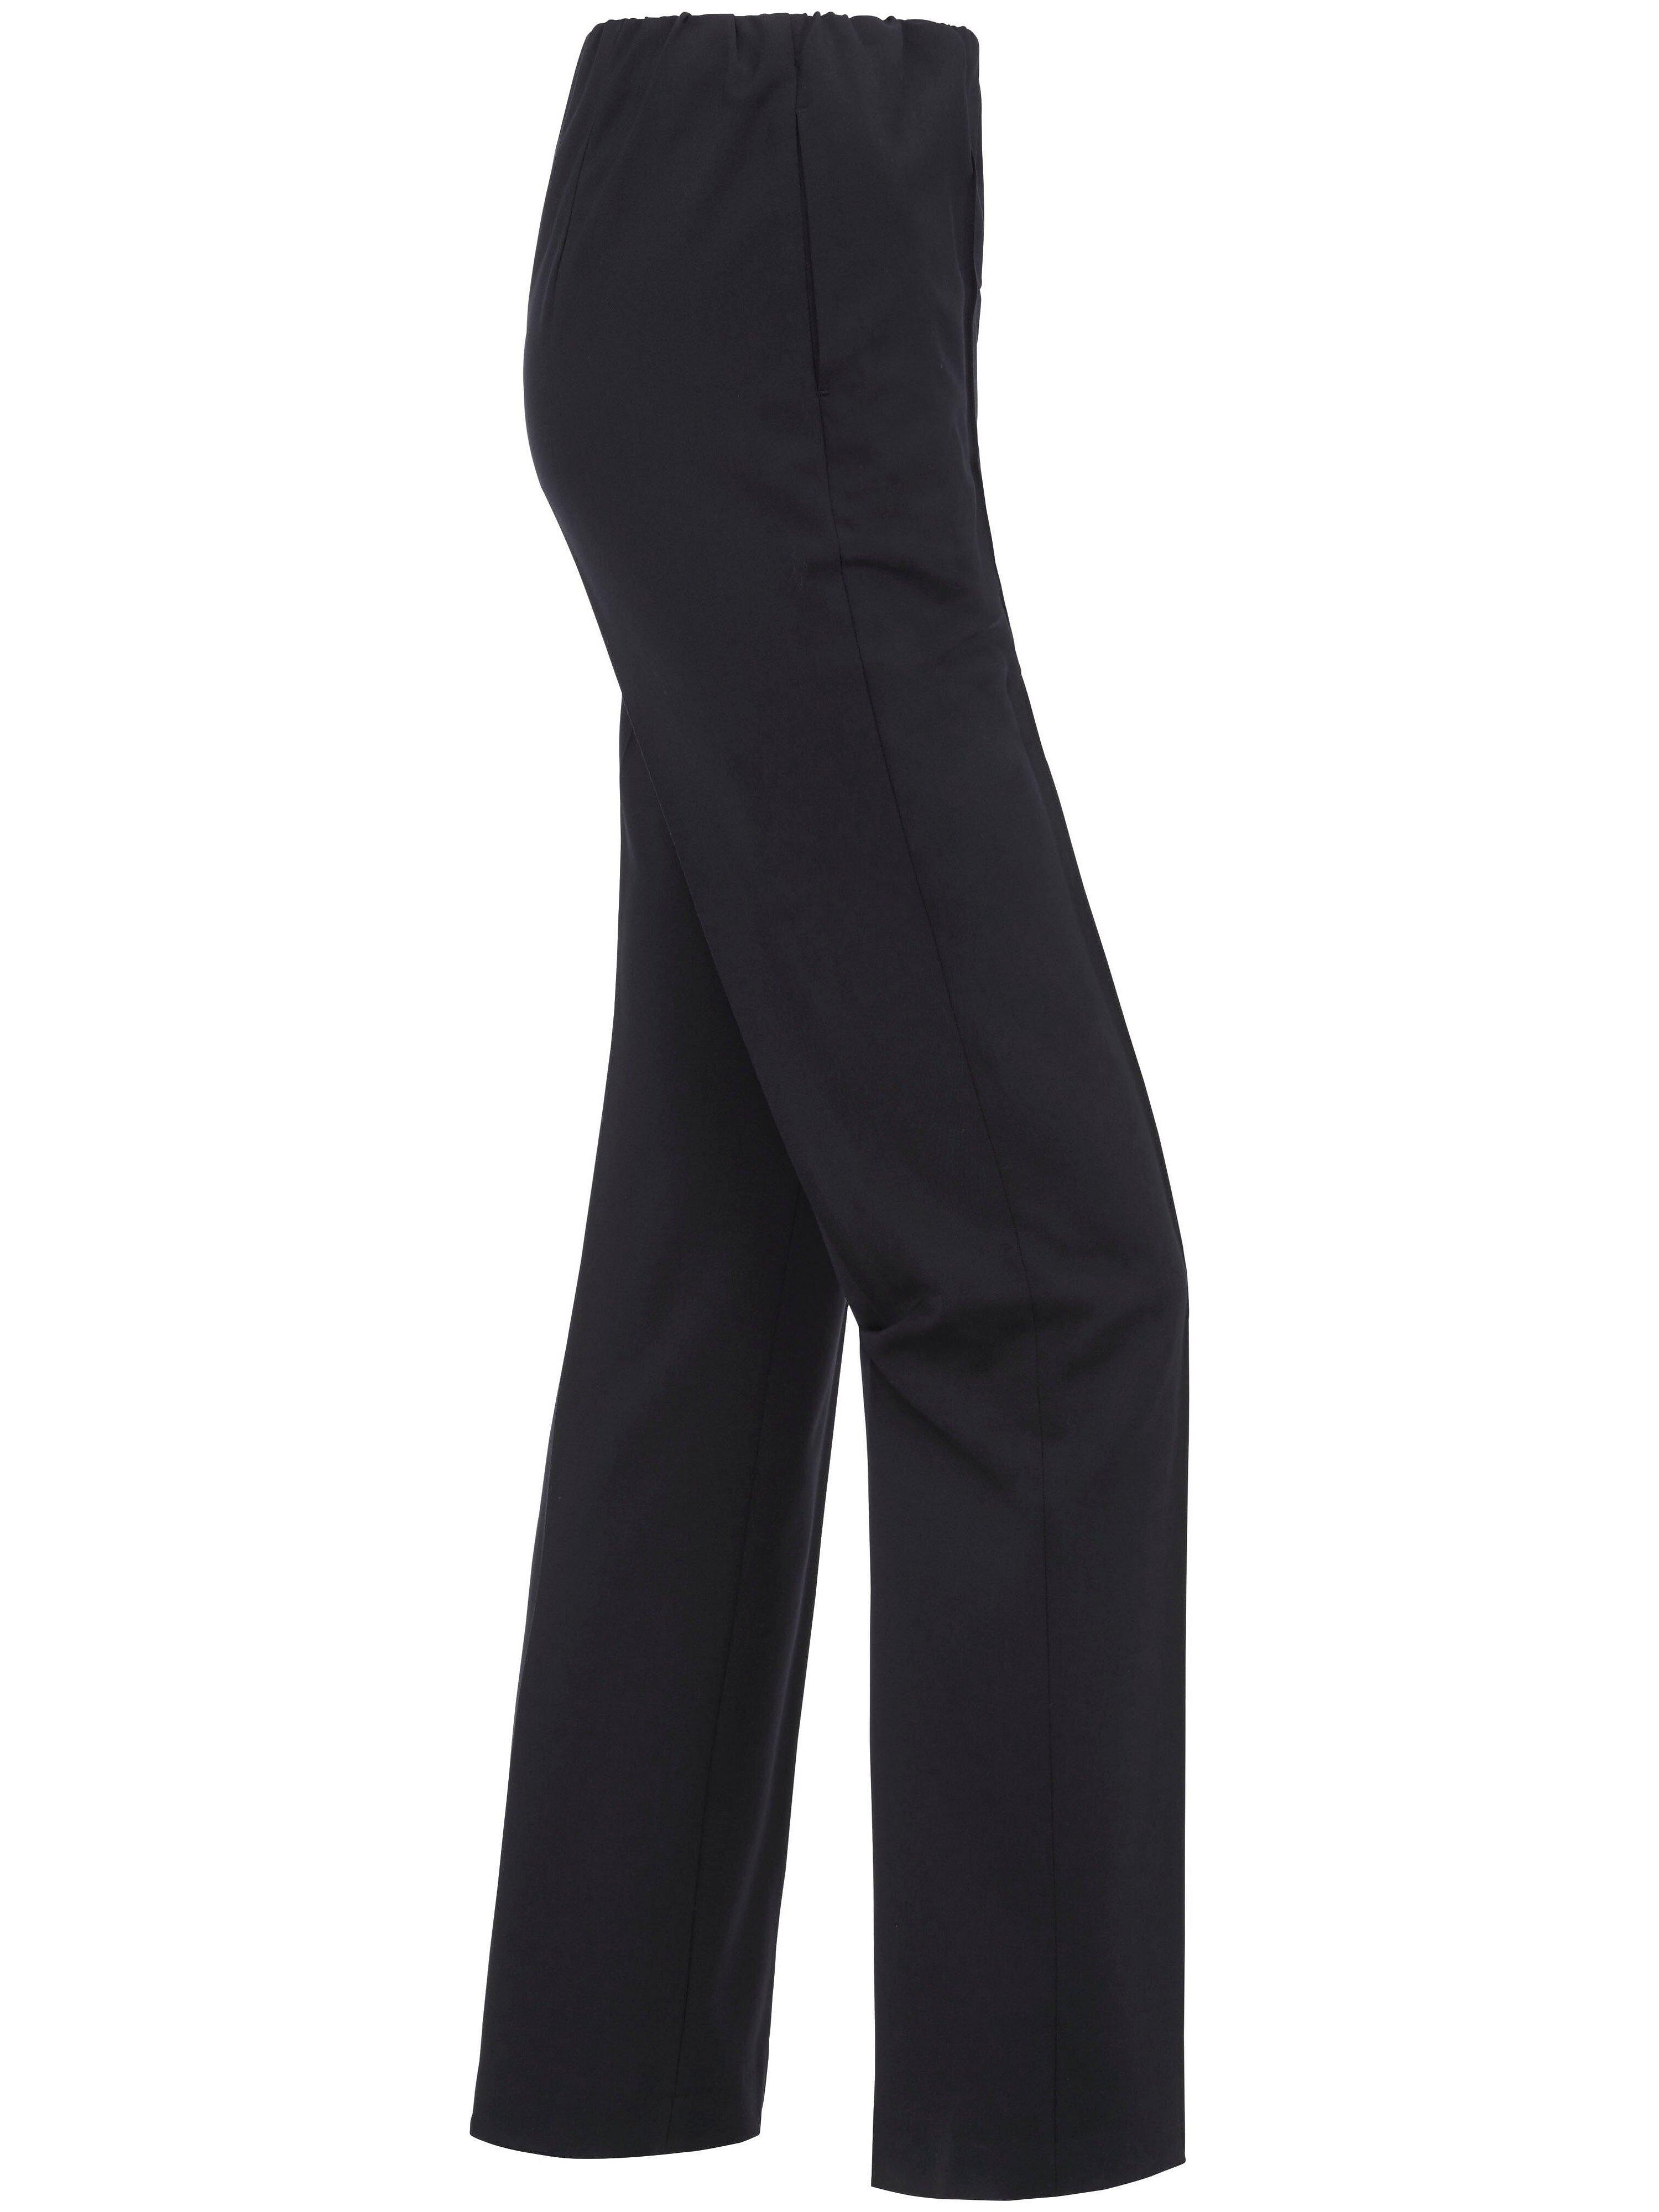 Bukser uden lukning, model PAULA Fra Raphaela by Brax blå